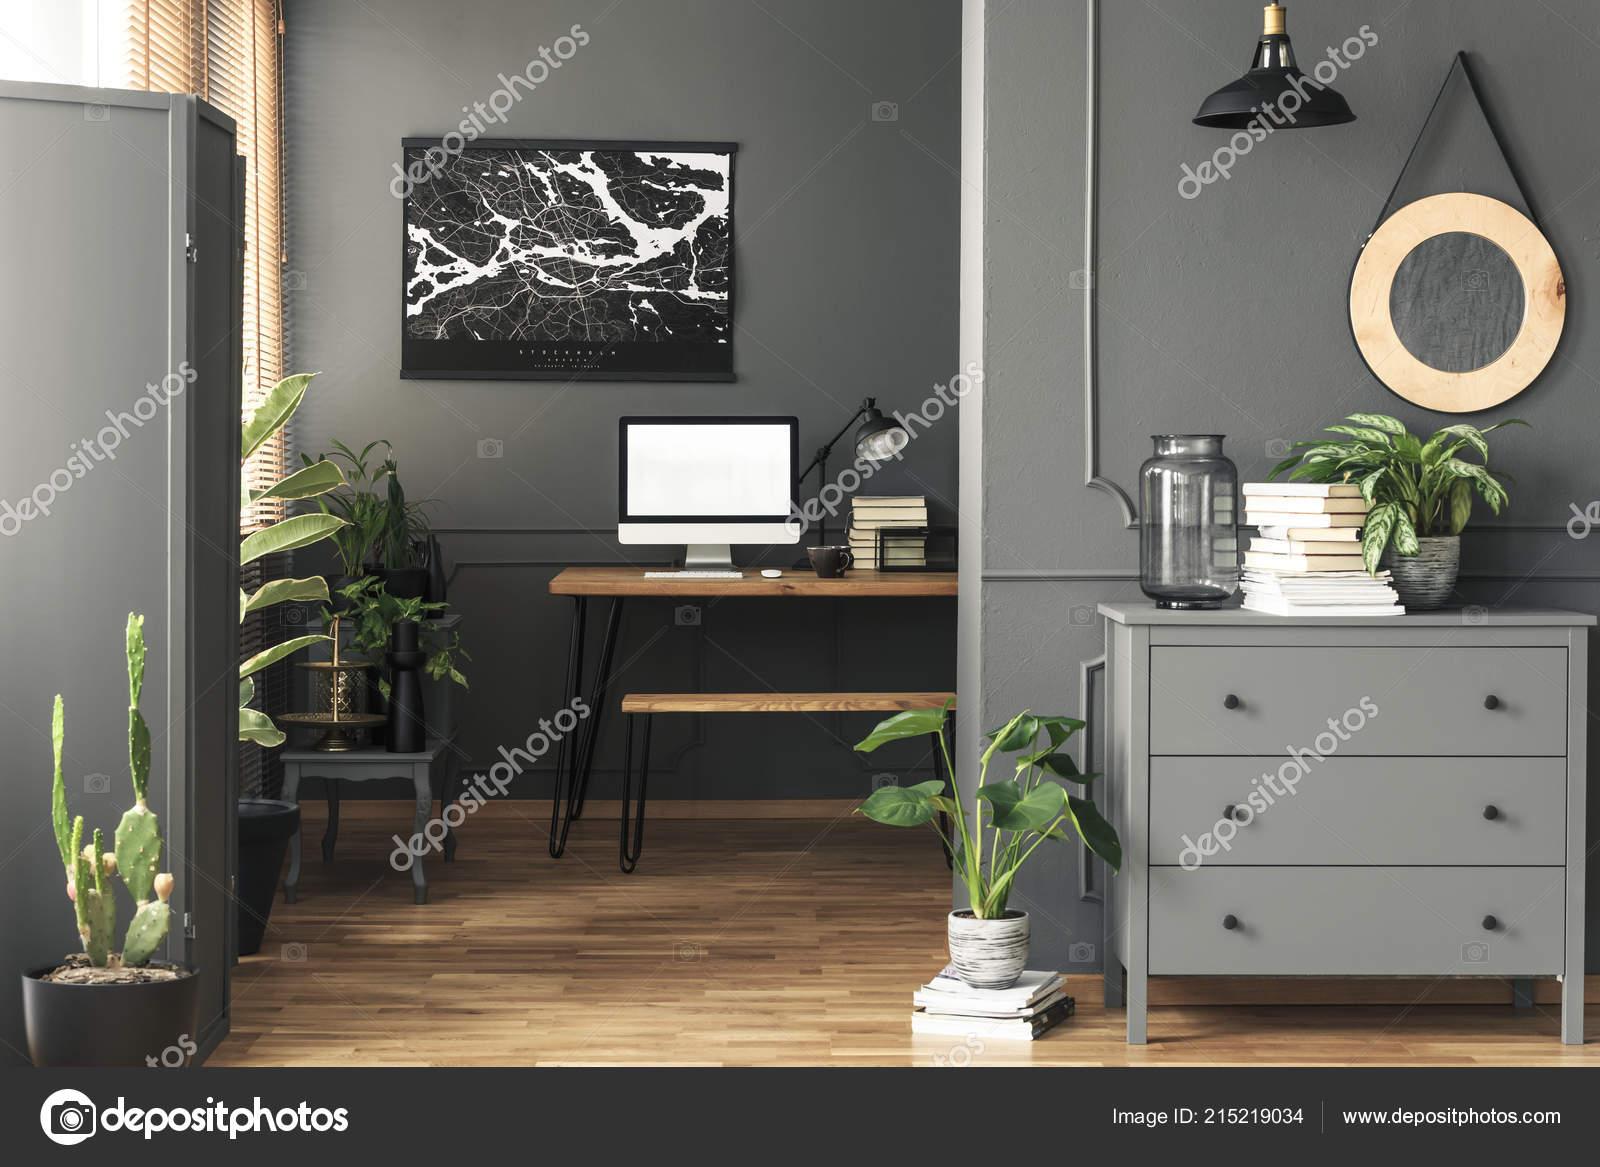 Affiche noir sur mur gris dessus bureau avec maquette intérieur